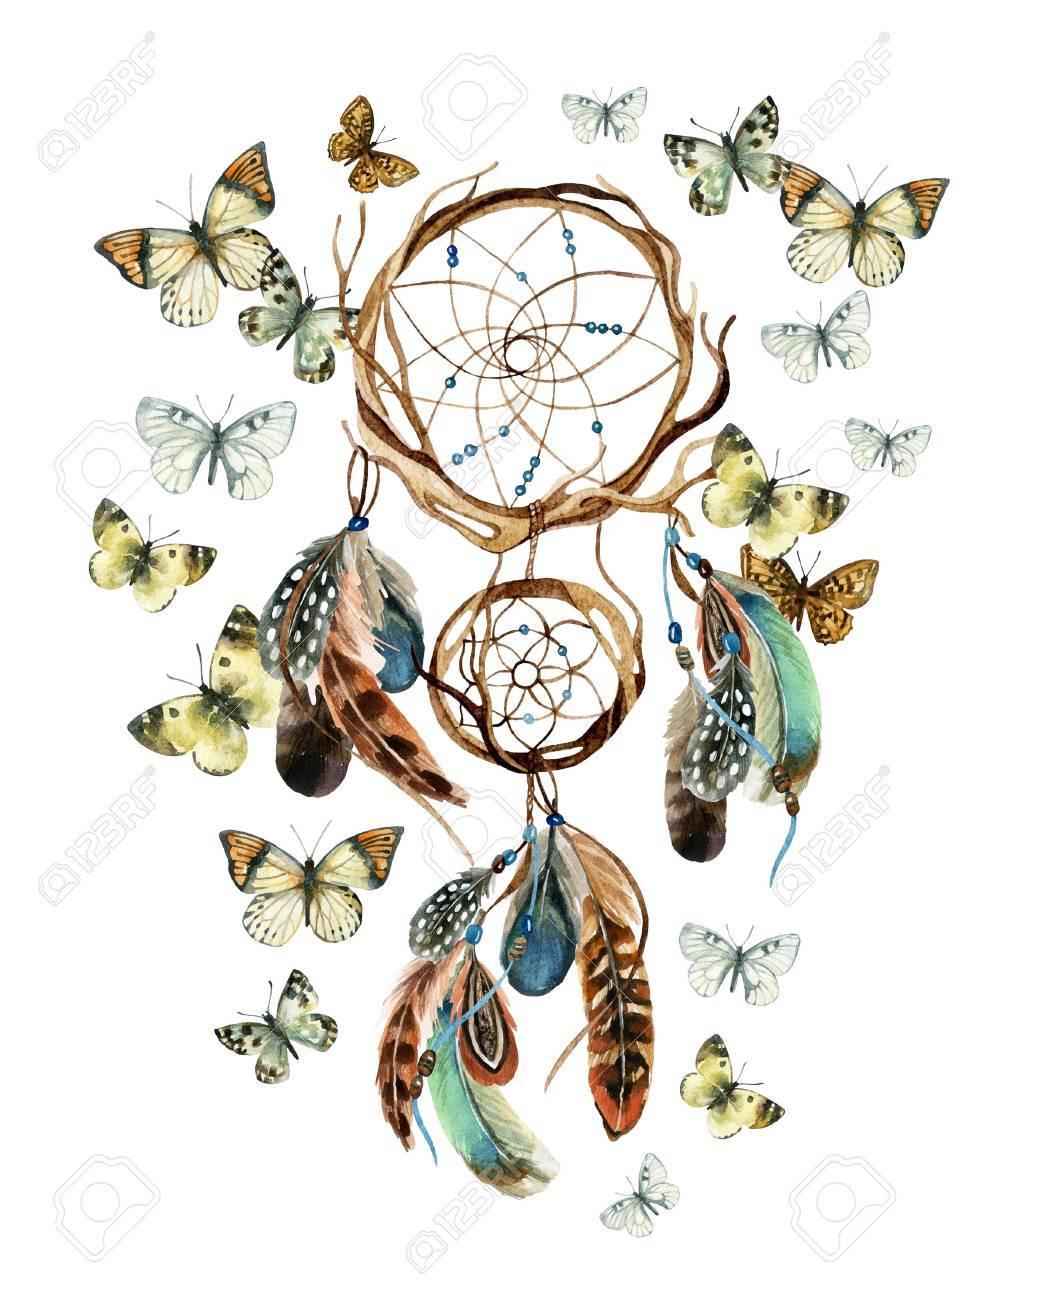 dfe04a7a80c1e Atrapasueños con plumas y mariposas. Acuarela atrapasueños étnicos.  Ilustración pintada a mano para su